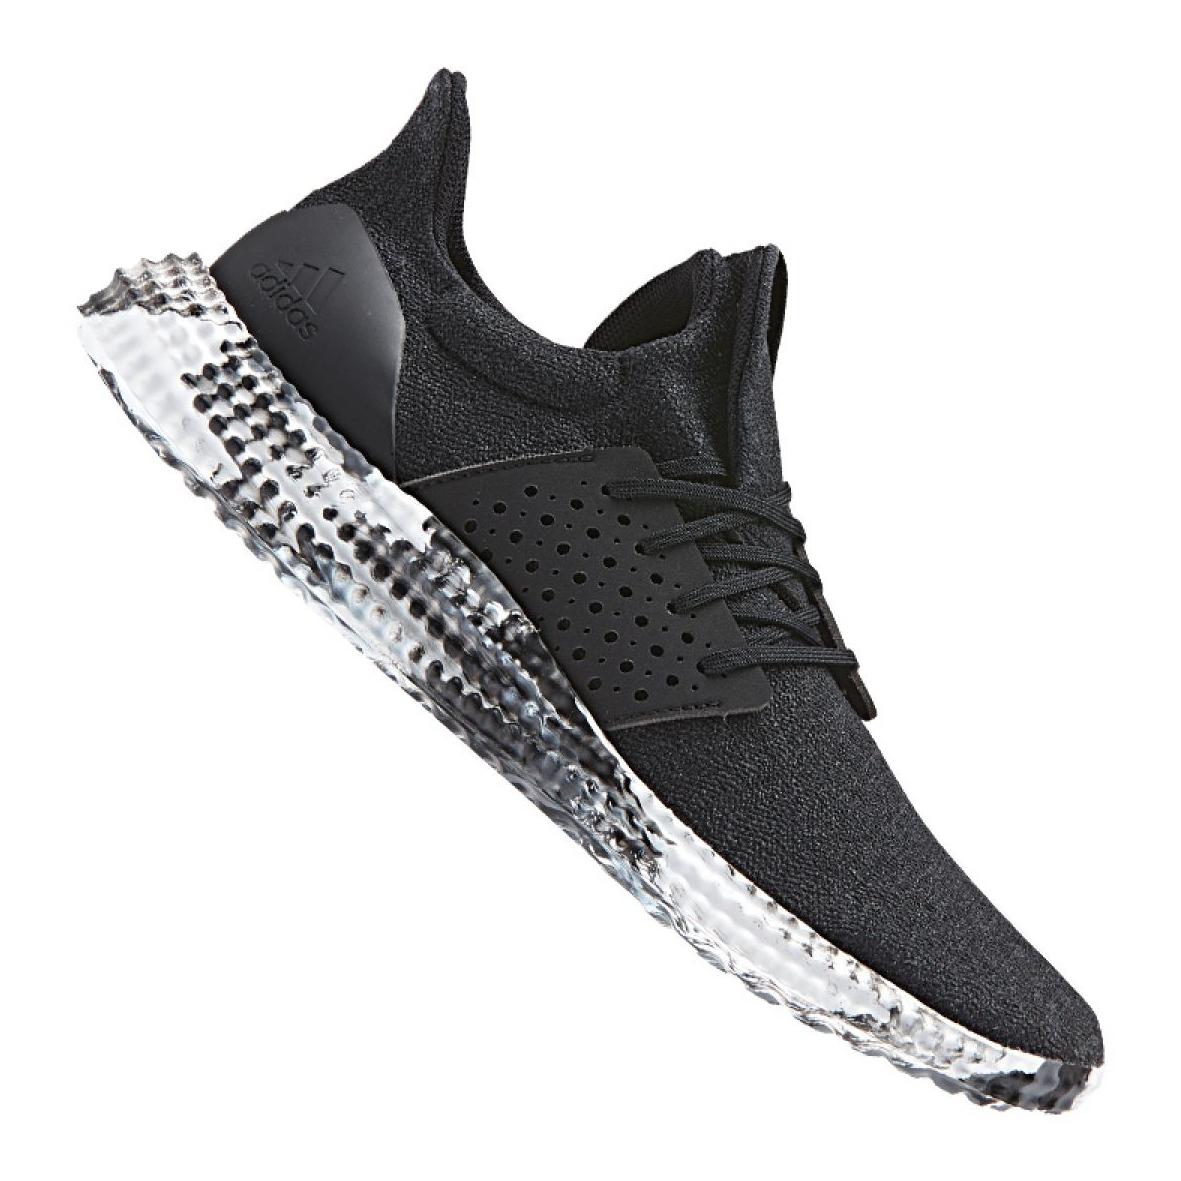 best service 5e3df 8836e Schwarz Adidas Athletics 24/7 Tr M DA8656 Schuhe